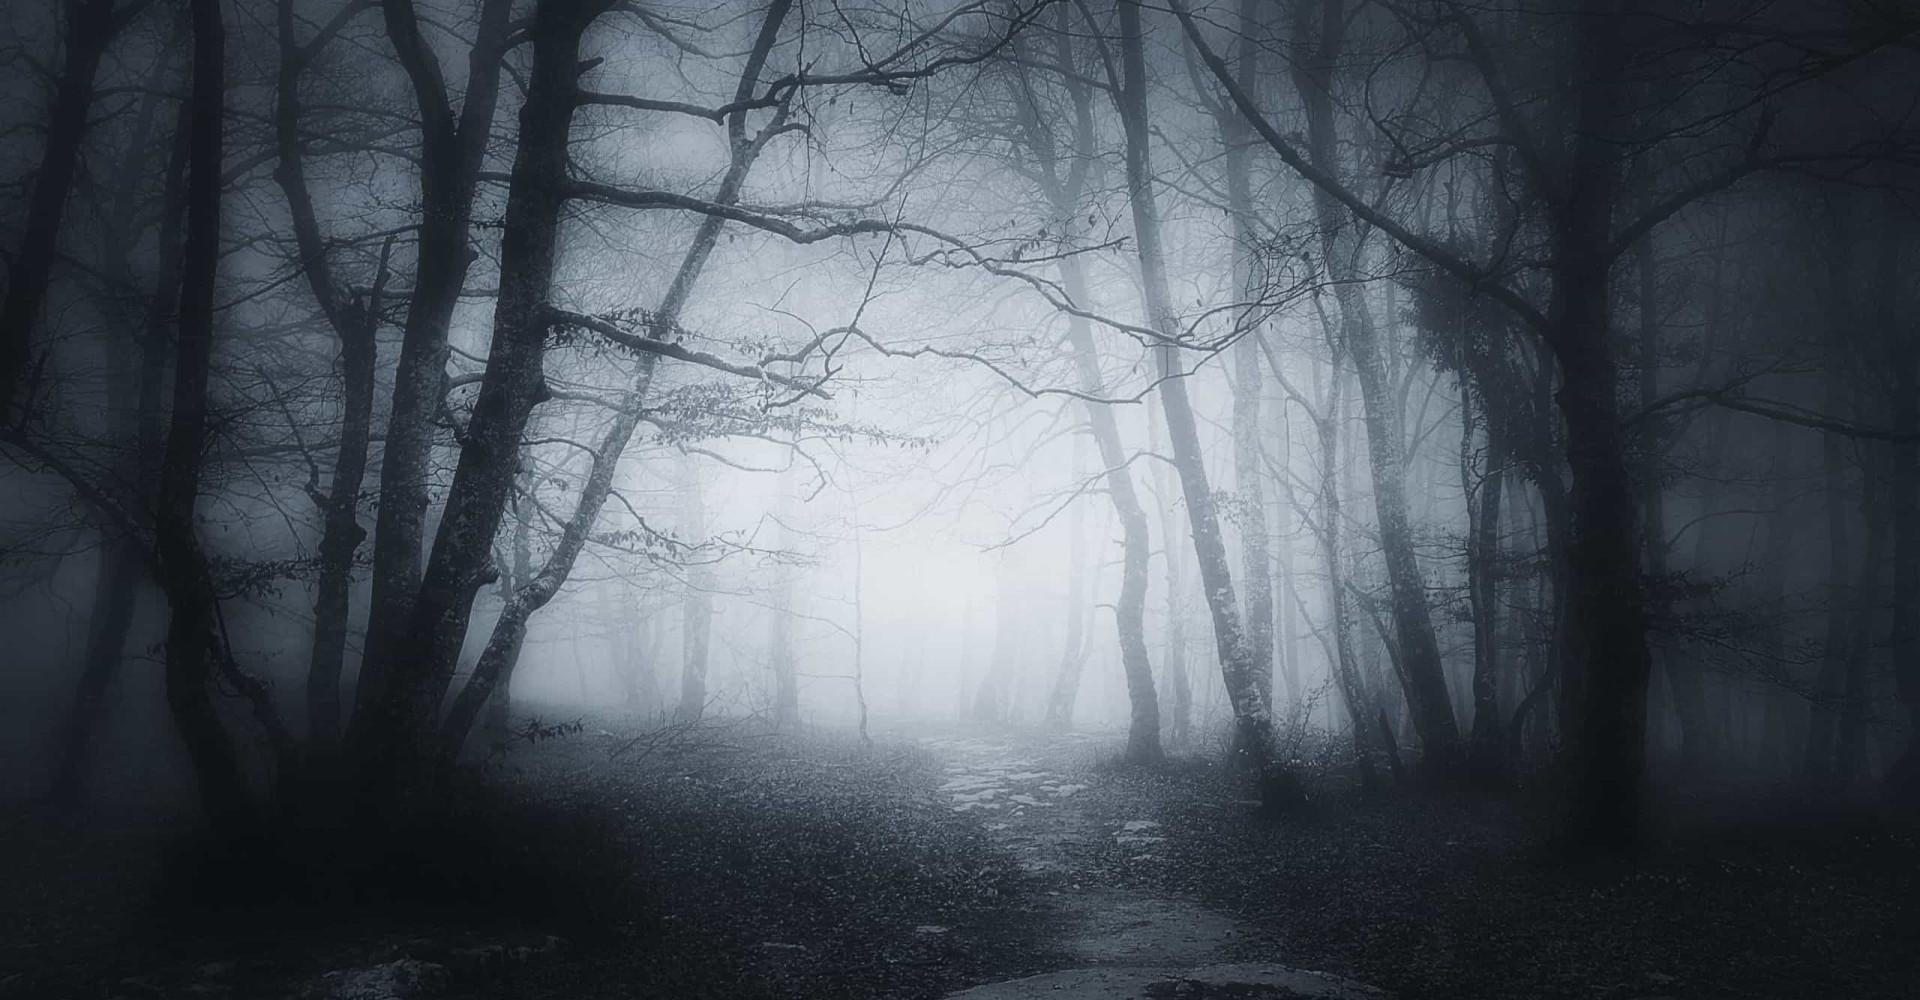 ¿Quieres conocer los lugares más aterradores del mundo?